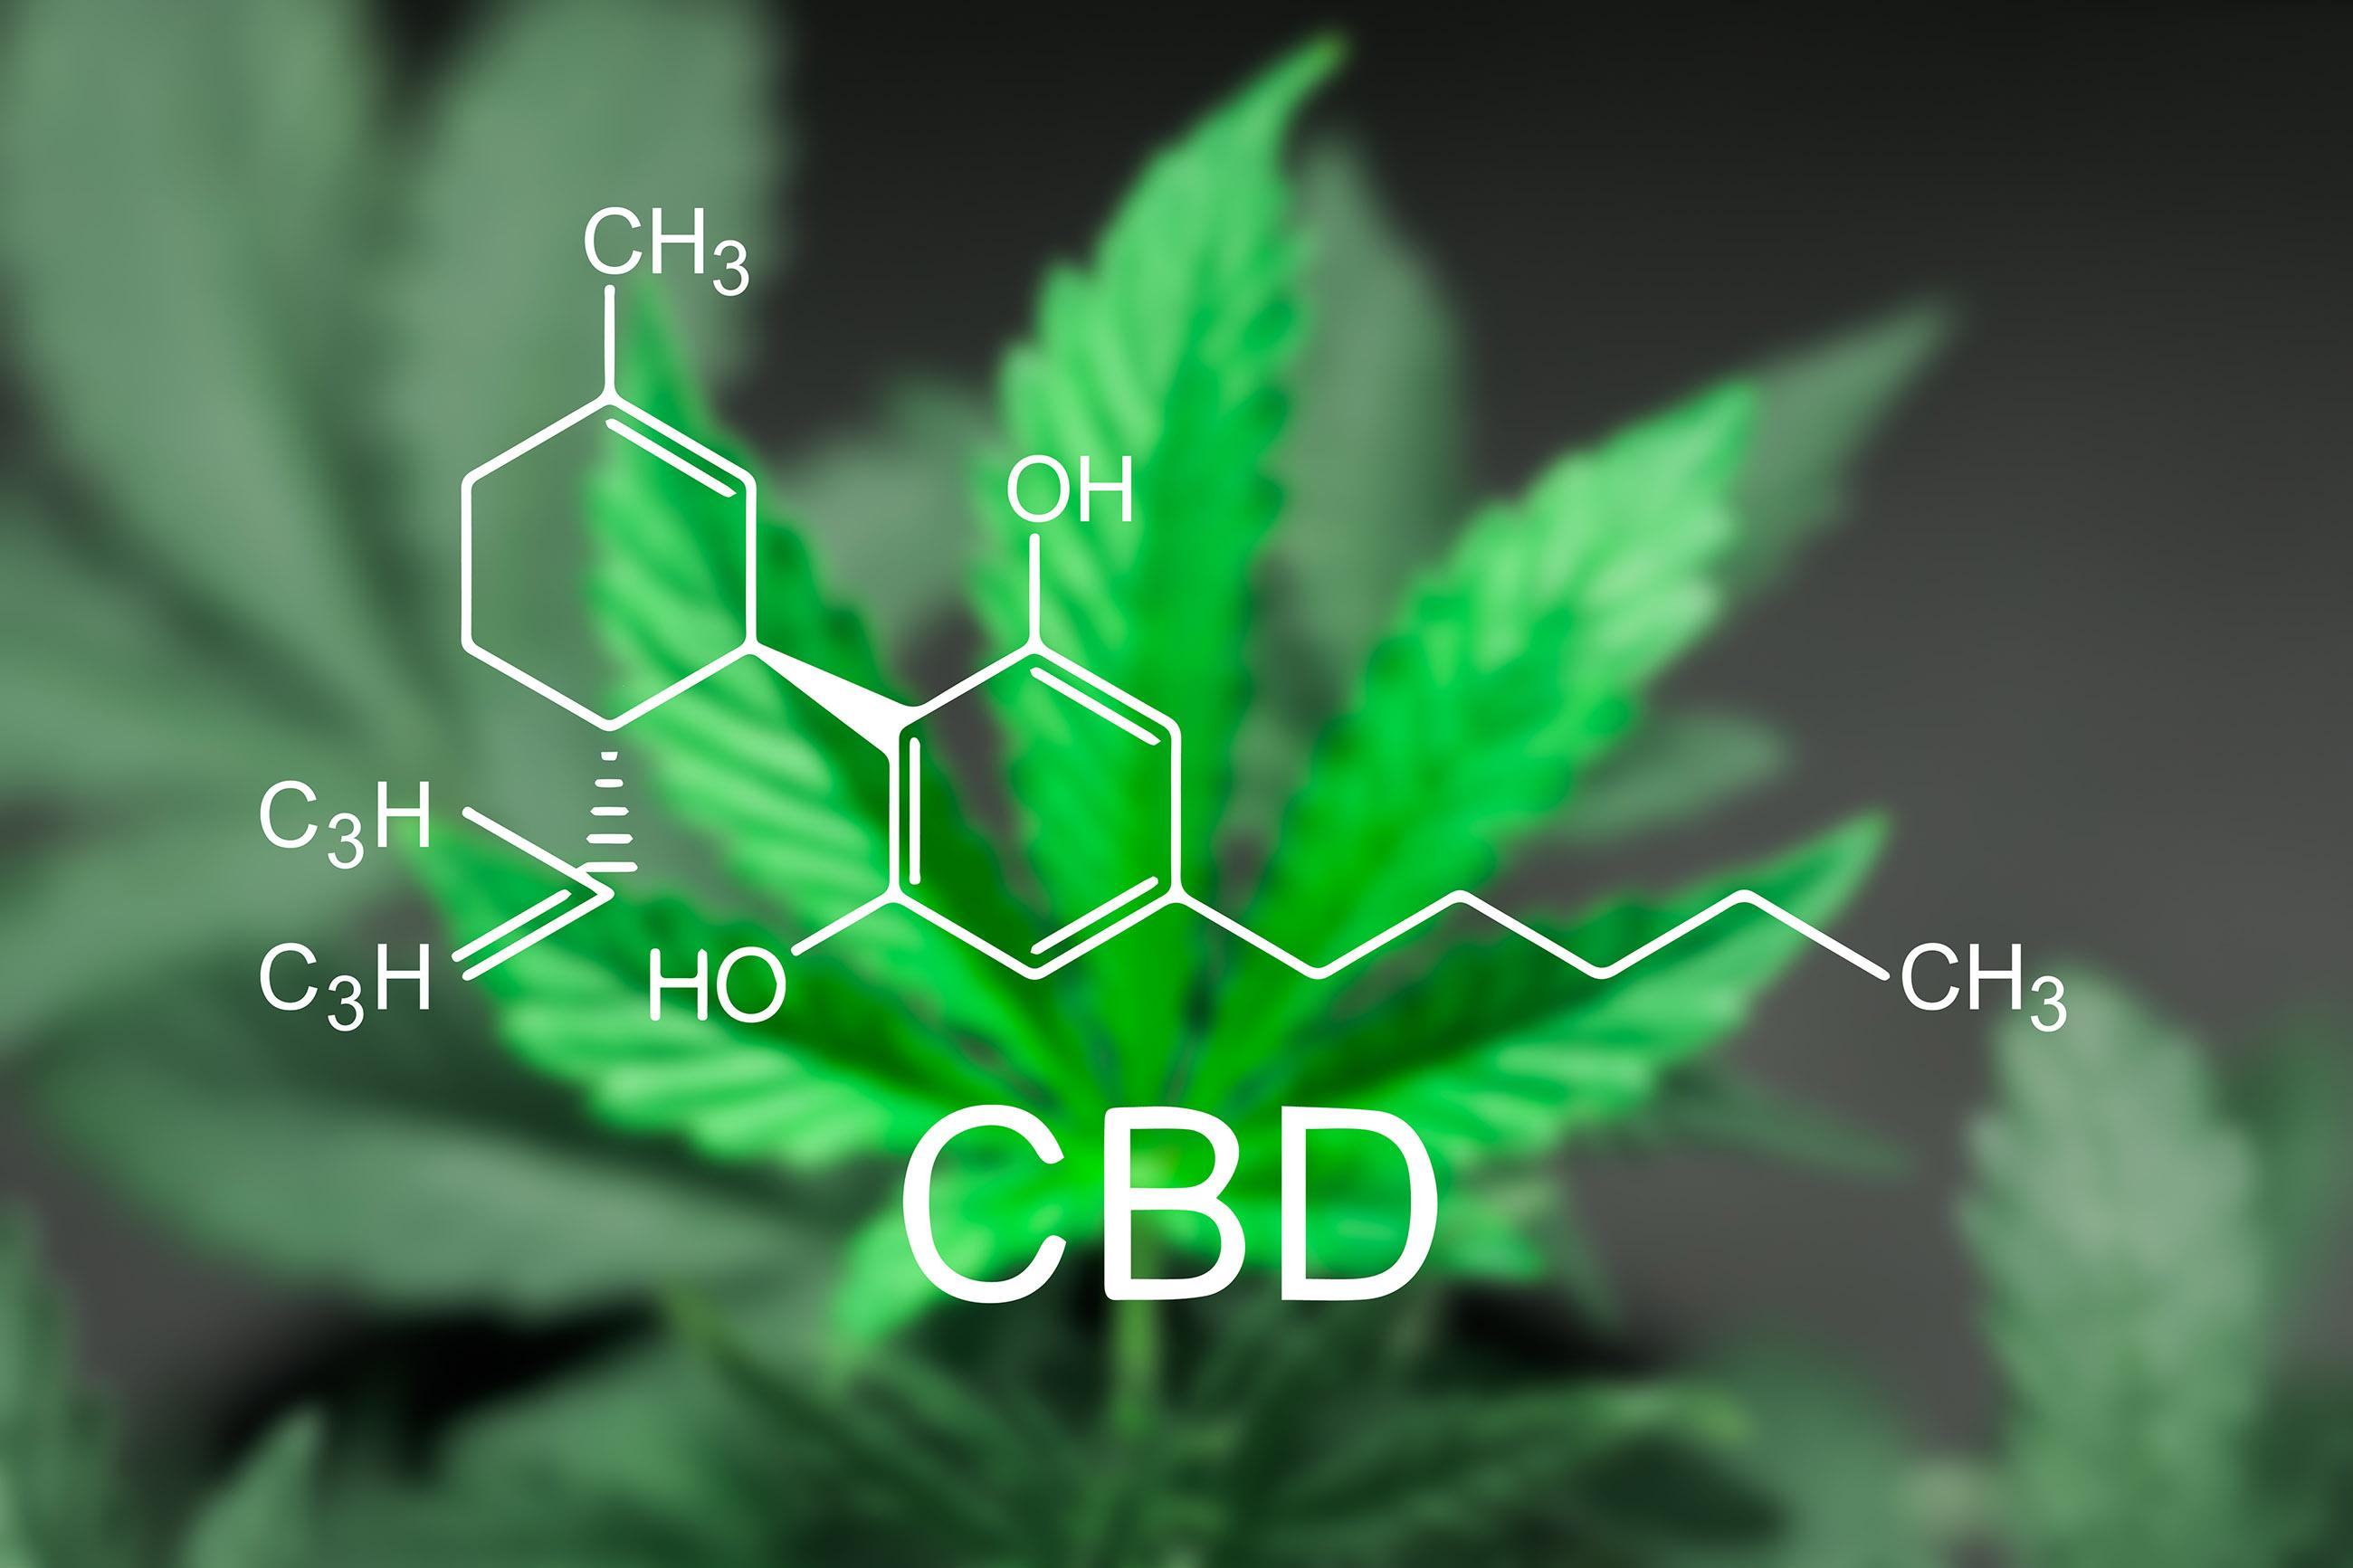 Hoe kies je een medicinale cannabissoort?